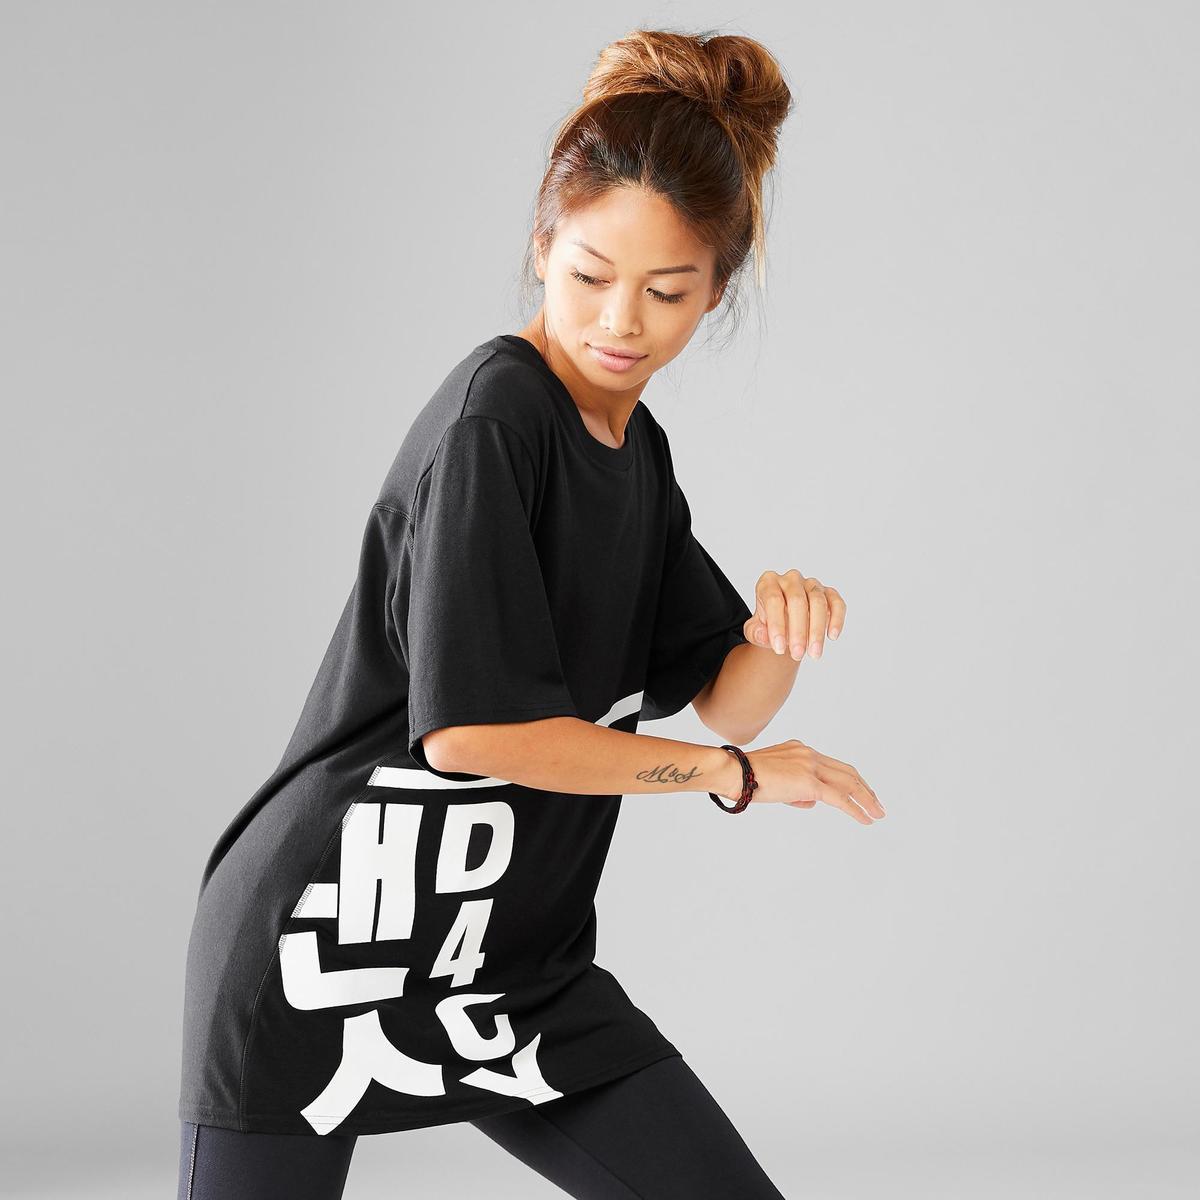 Bild 3 von T-Shirt weit Street Dance Boyfriend-Look Damen